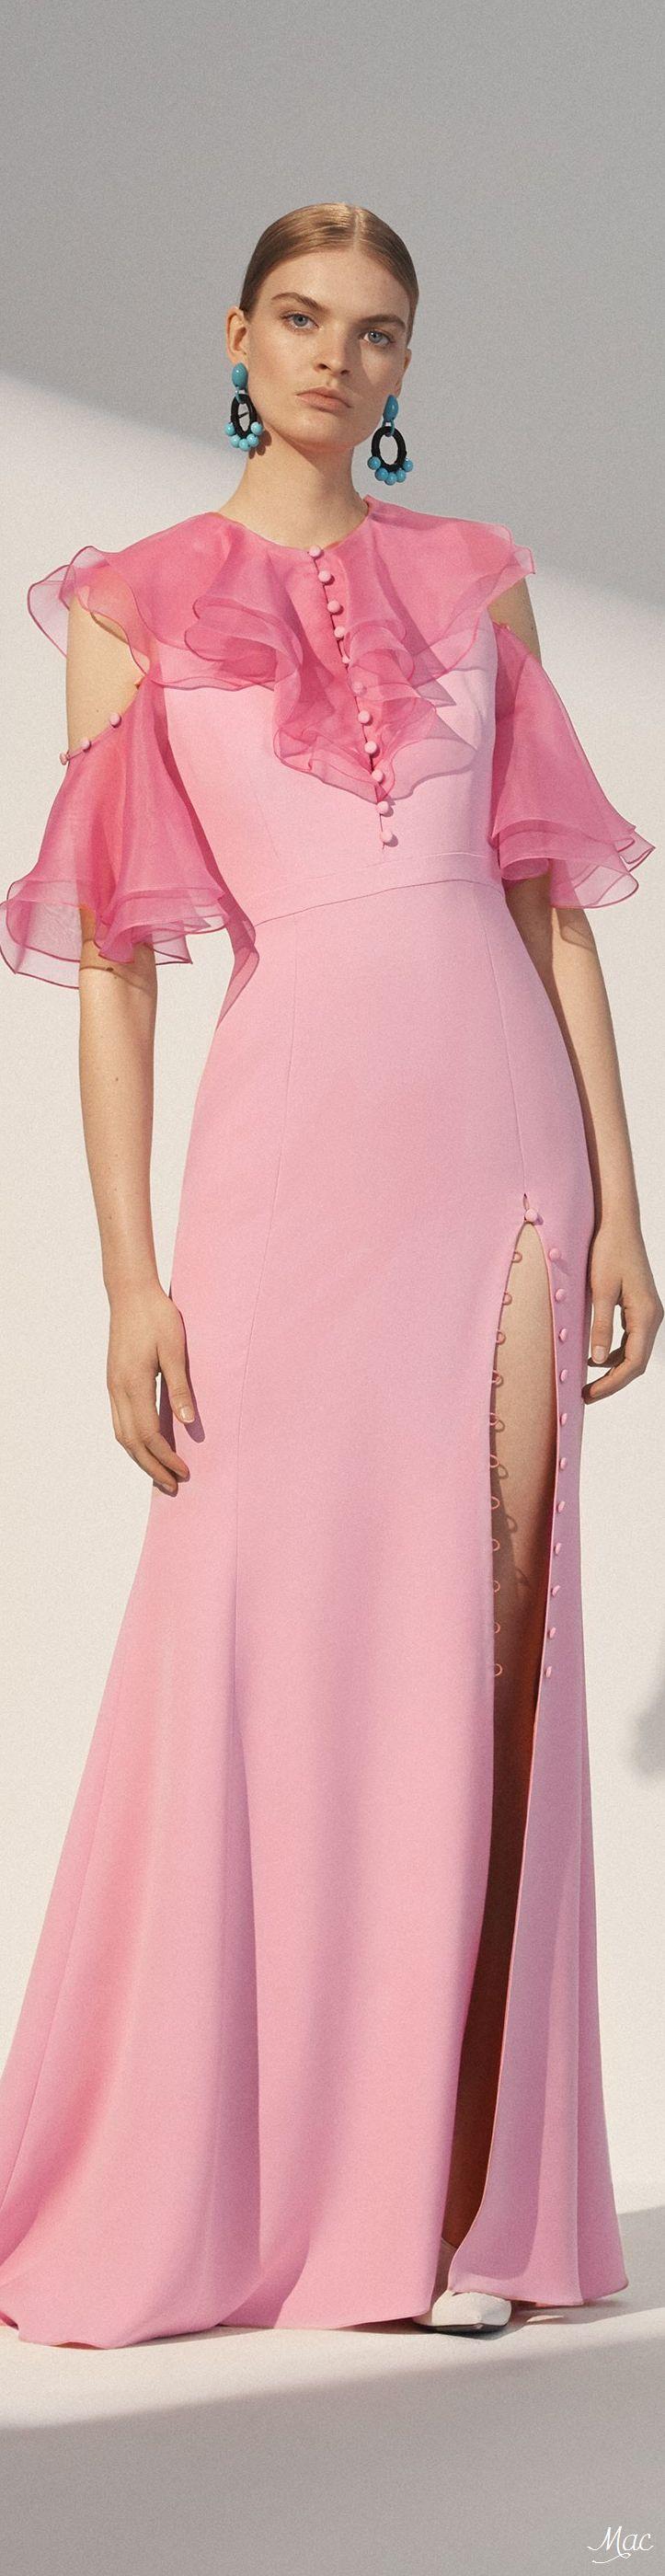 Mejores 4237 imágenes de vestidos en Pinterest | Mi estilo, Vestido ...